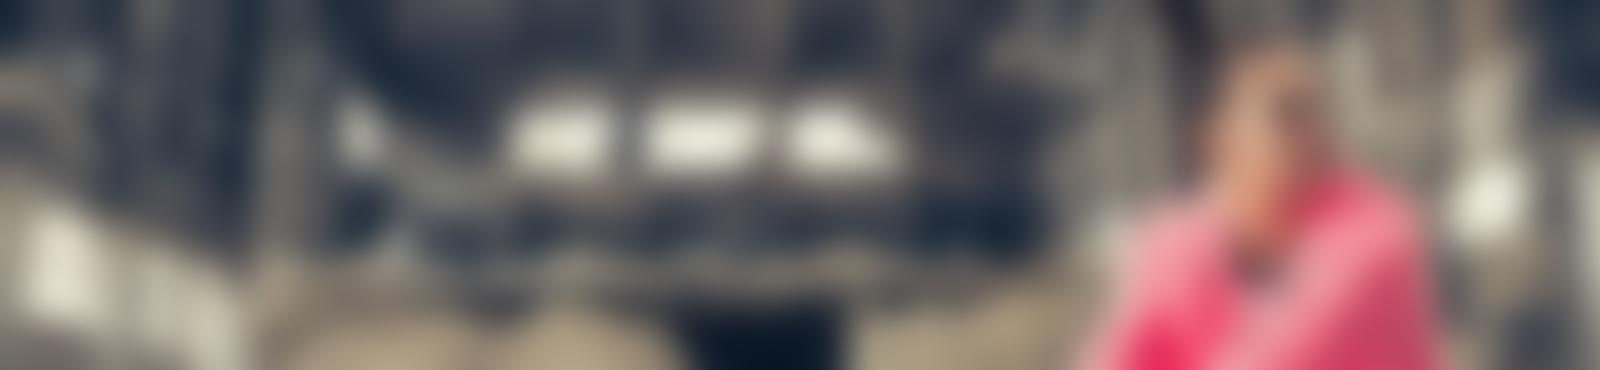 Blurred ee8fa993 f0f6 4f47 95f3 b7cae0d1ab0c